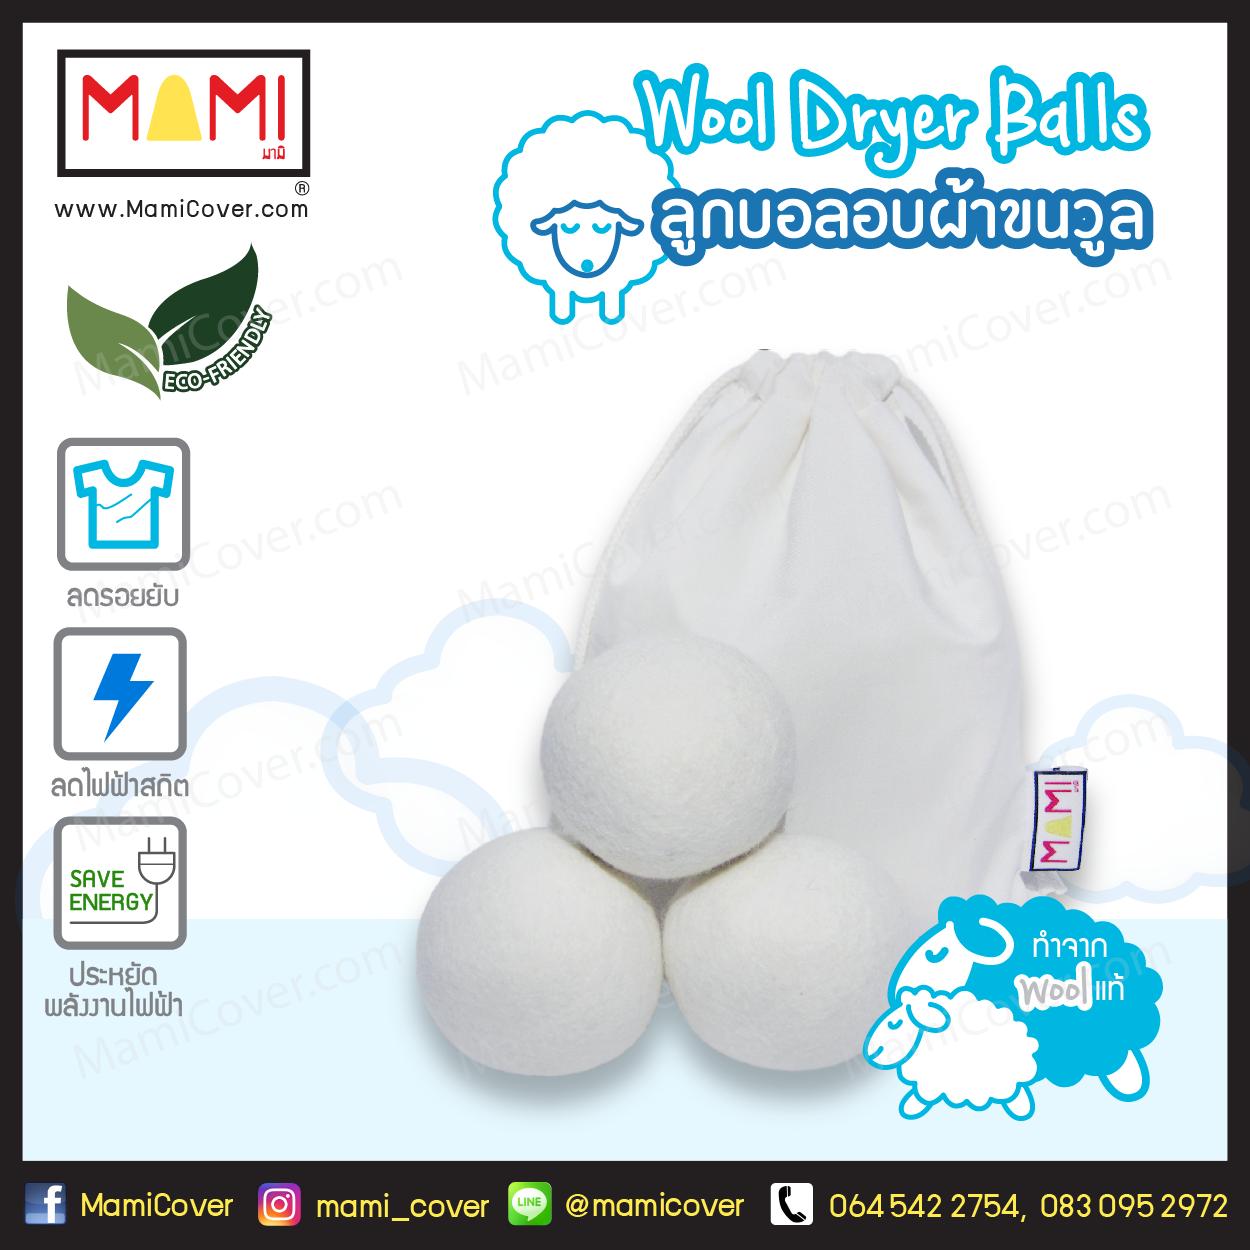 ลูกบอลปรับผ้านุ่ม Mami ลดรอยยับ ประหยัดไฟและเวลาอบผ้า สำหรับใช้กับเครื่องอบผ้า Wool Dryer Balls